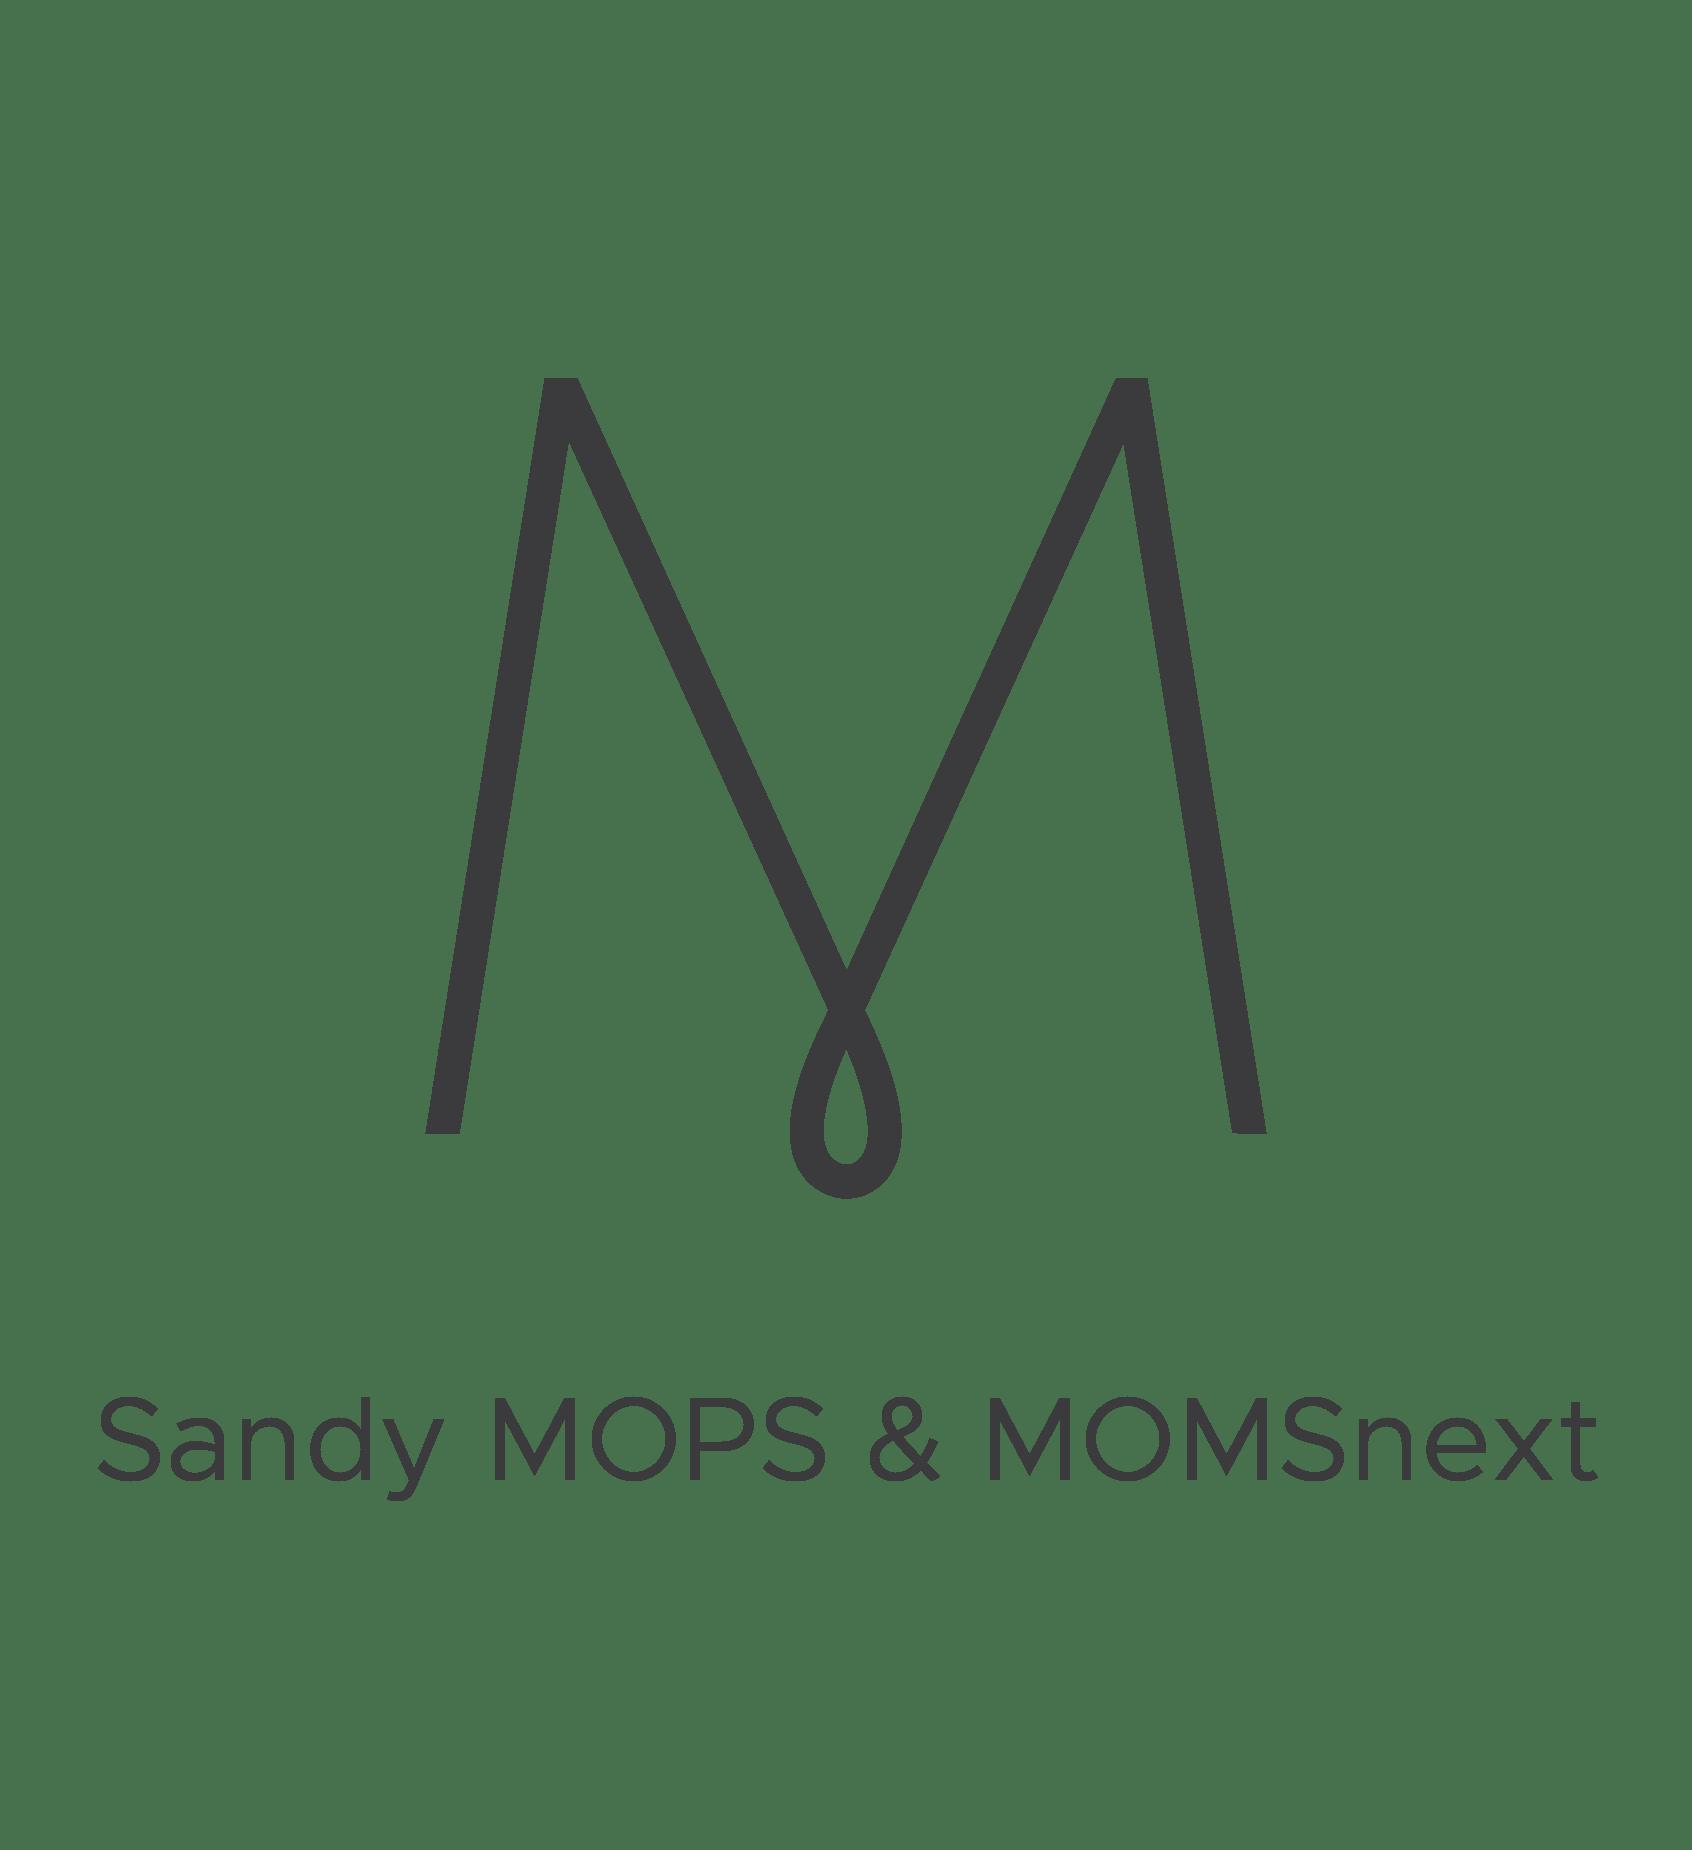 Sandy MOPS